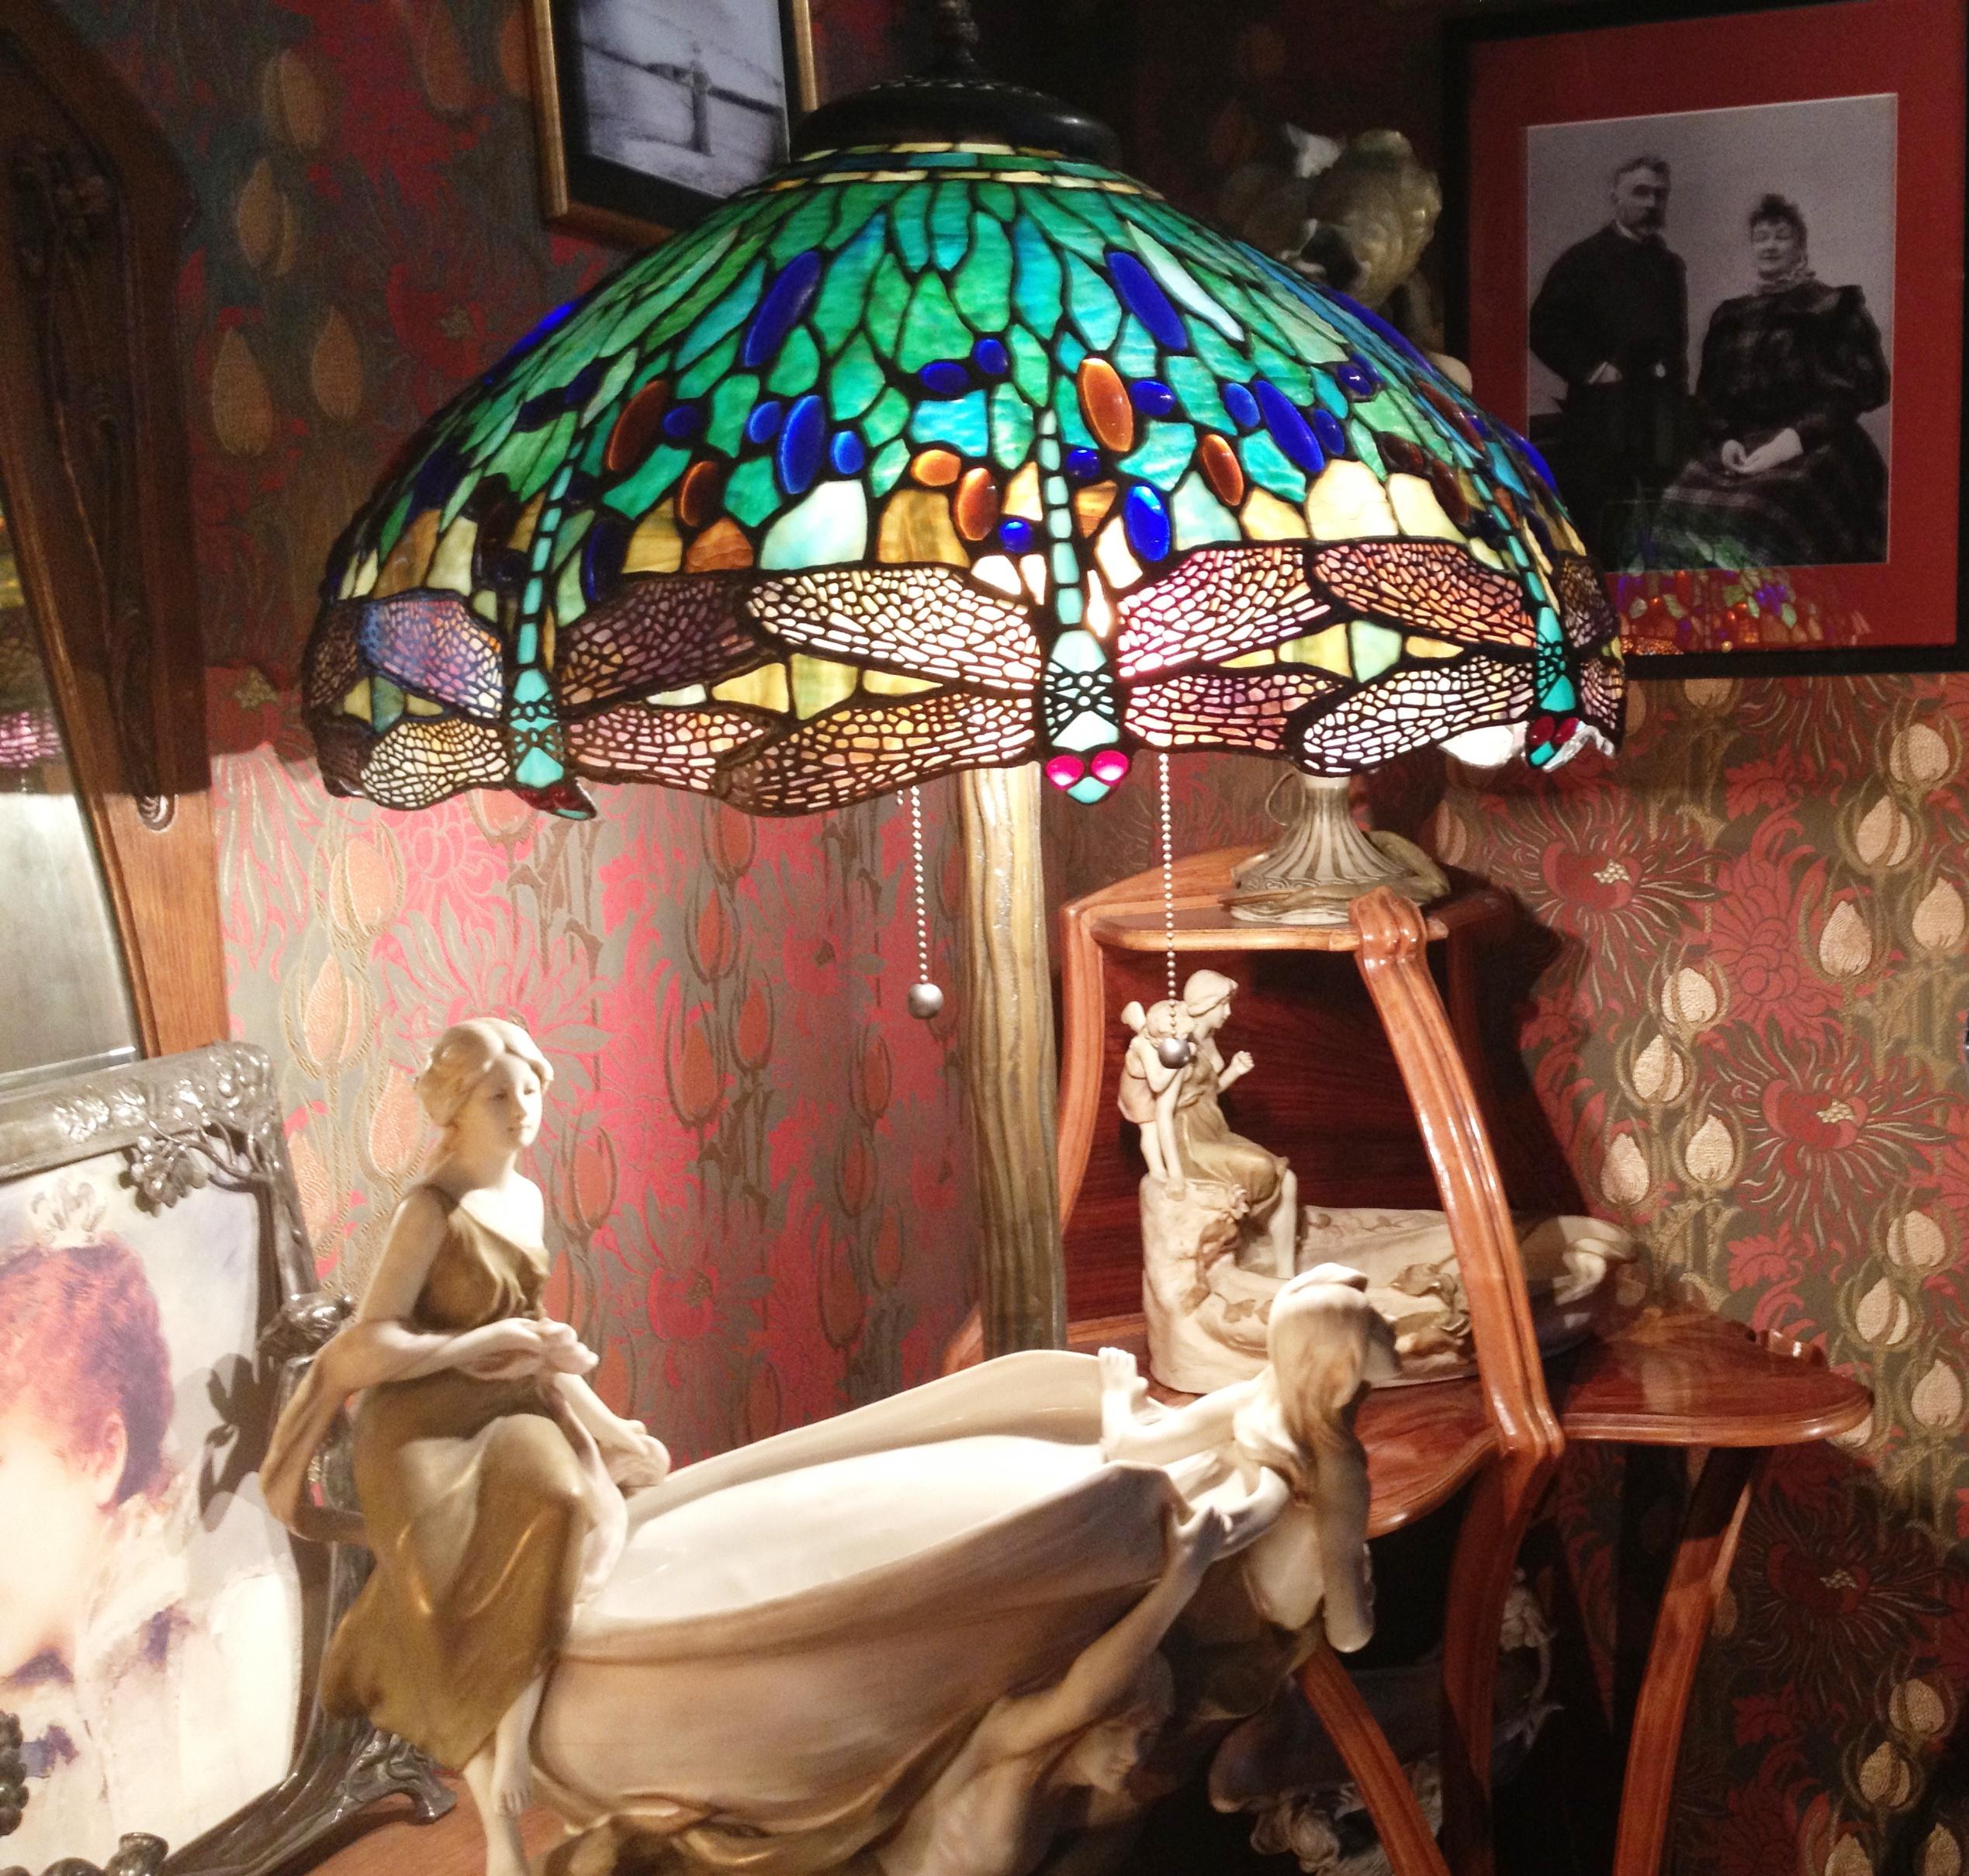 L'univers de Marcel Proust à découvrir au Musée Art Nouveau de Maxim's